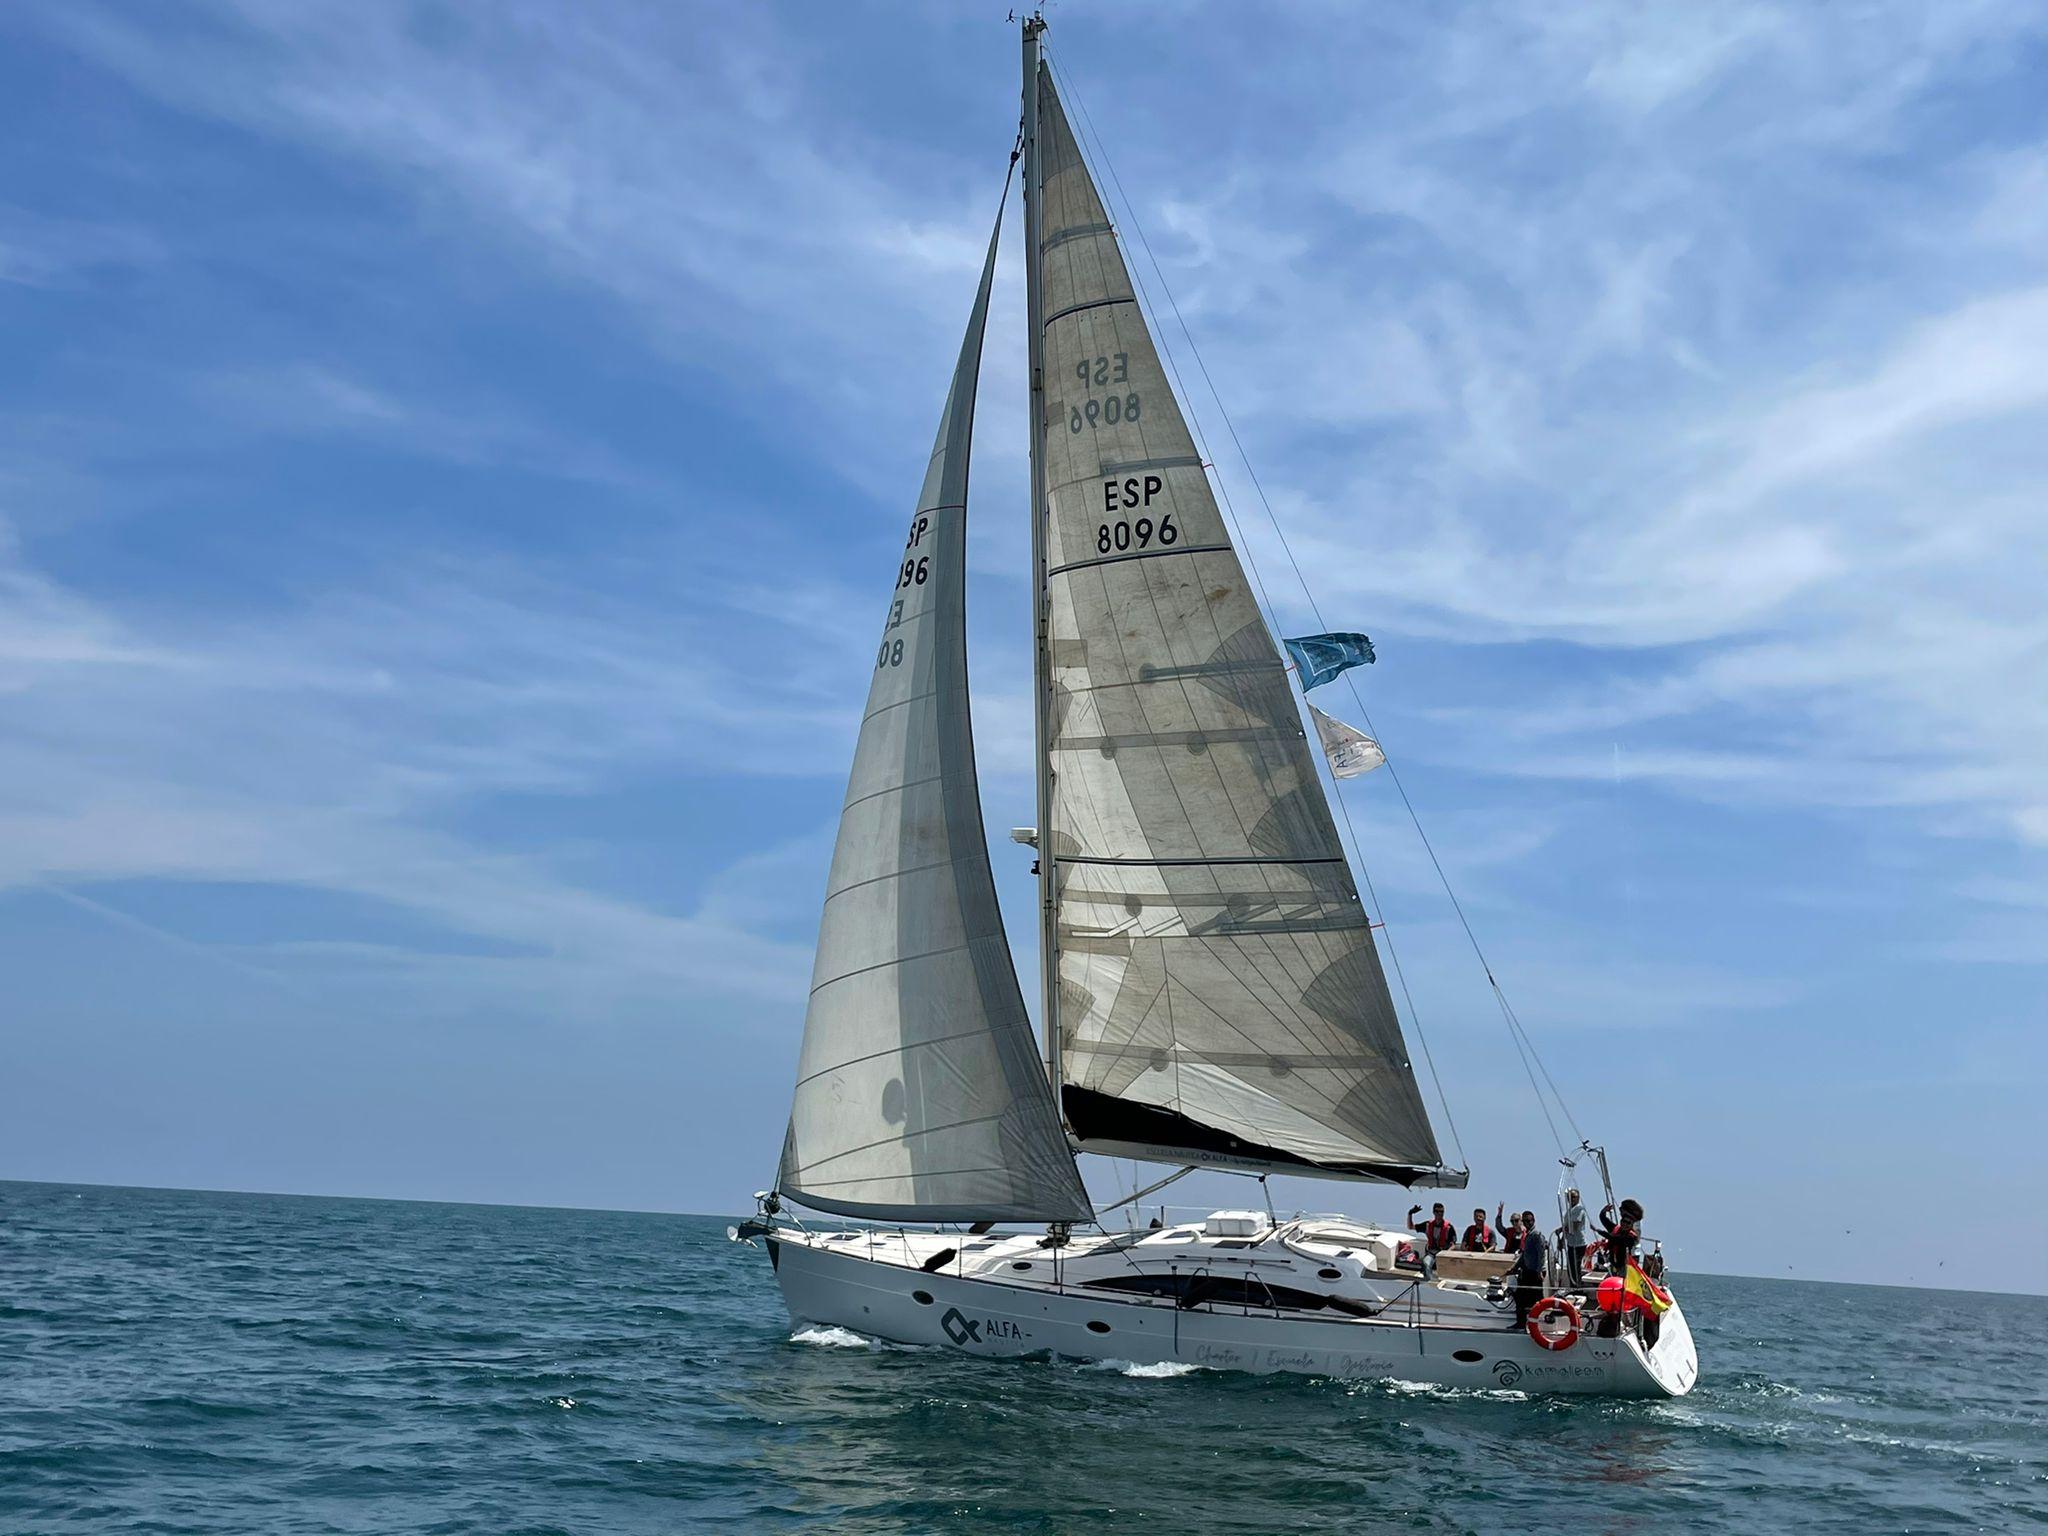 Alquilar una embarcación en Valencia